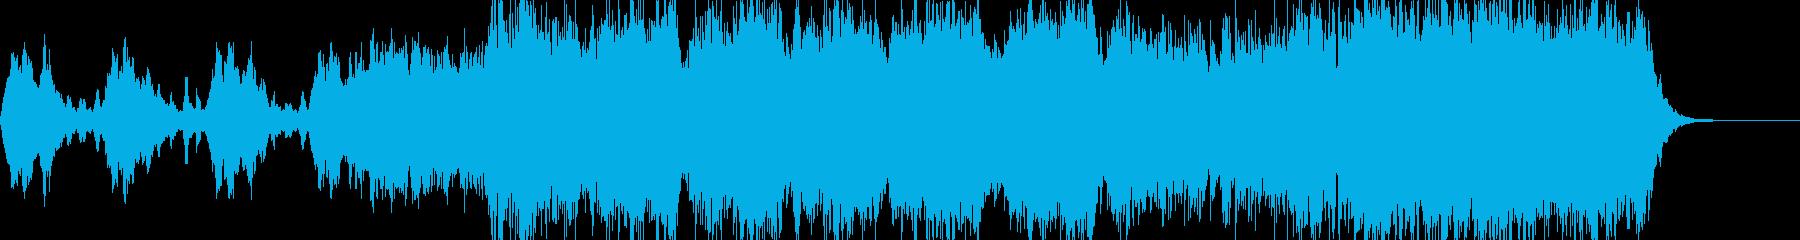 映画予告にピッタリの壮大なオーケストラの再生済みの波形